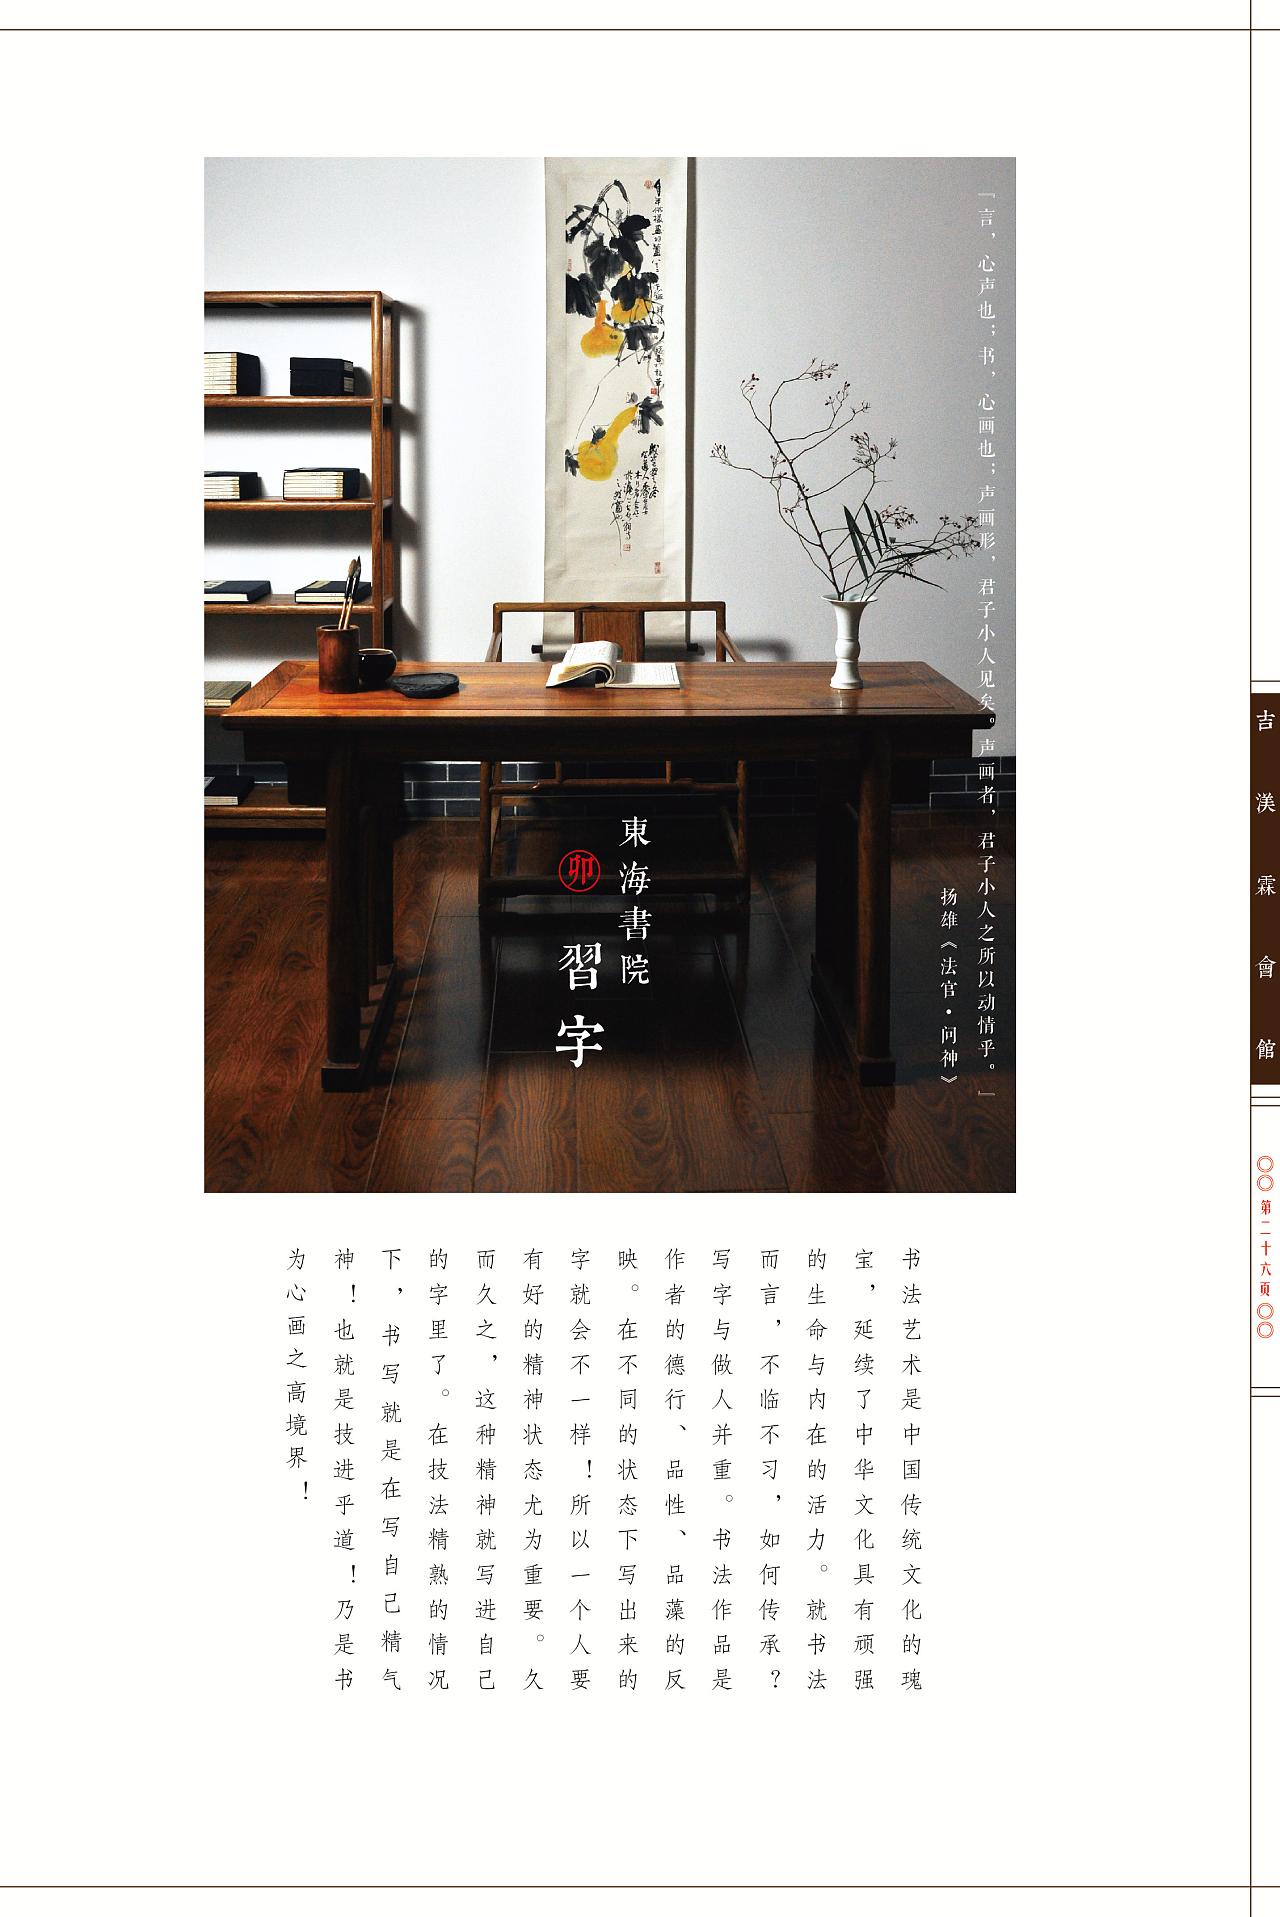 东海书院画册图片